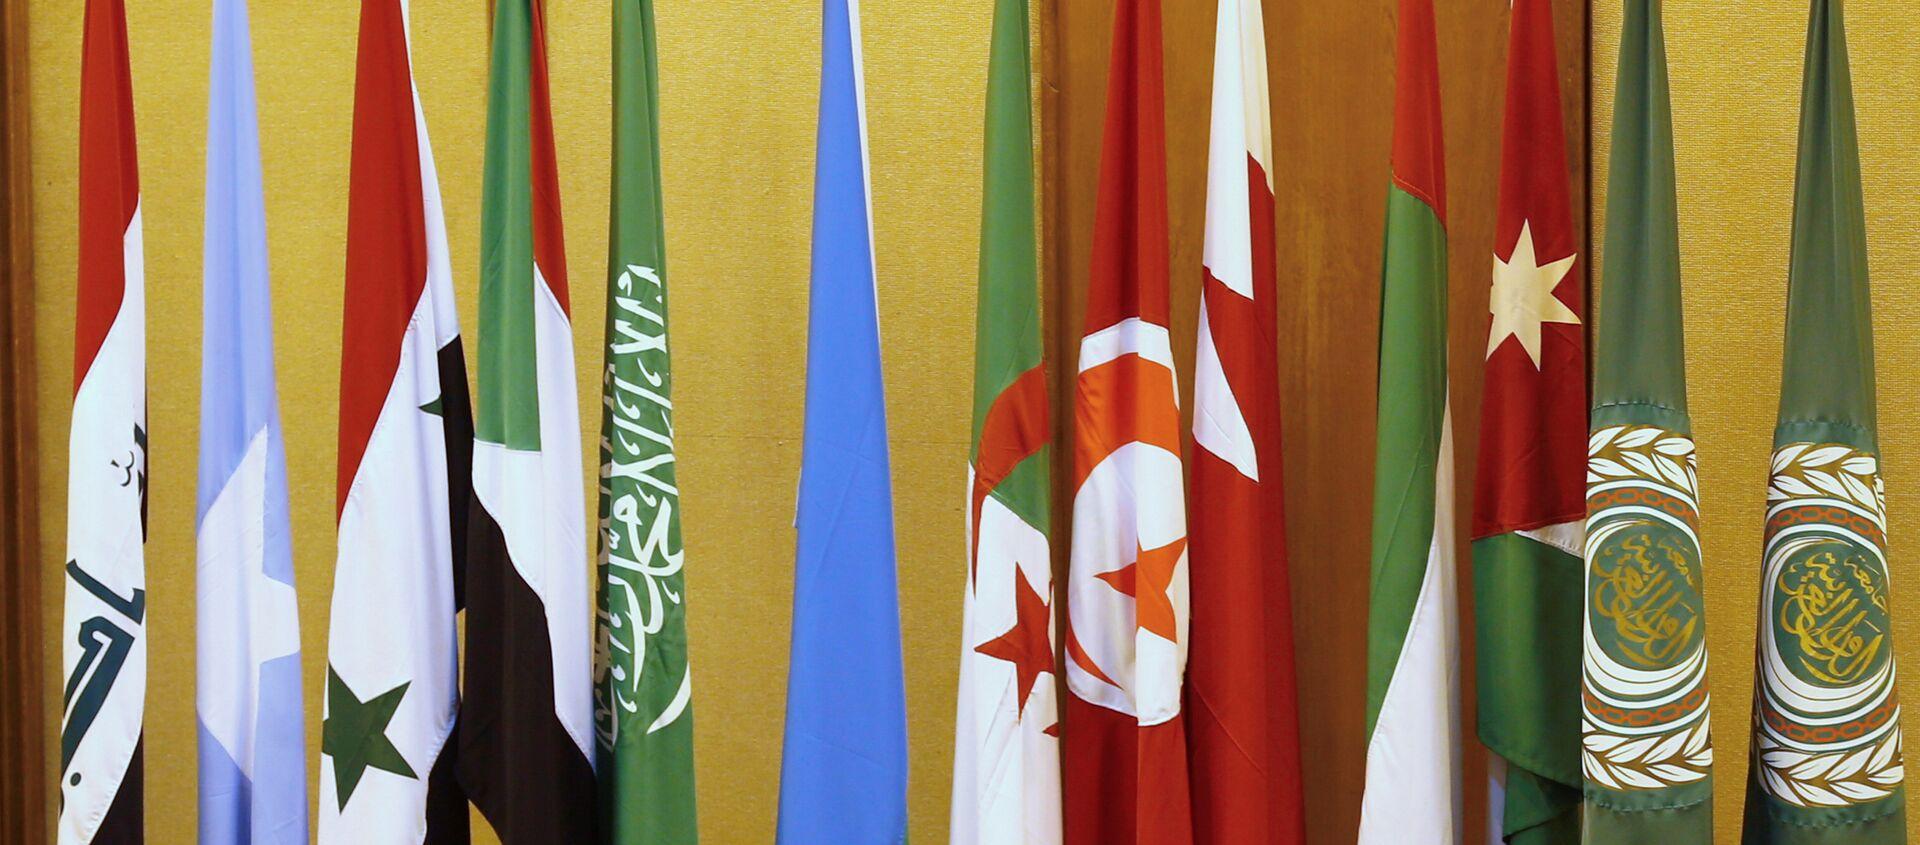 Banderas de los países de la Liga Árabe en El Cairo - Sputnik Mundo, 1920, 03.11.2020